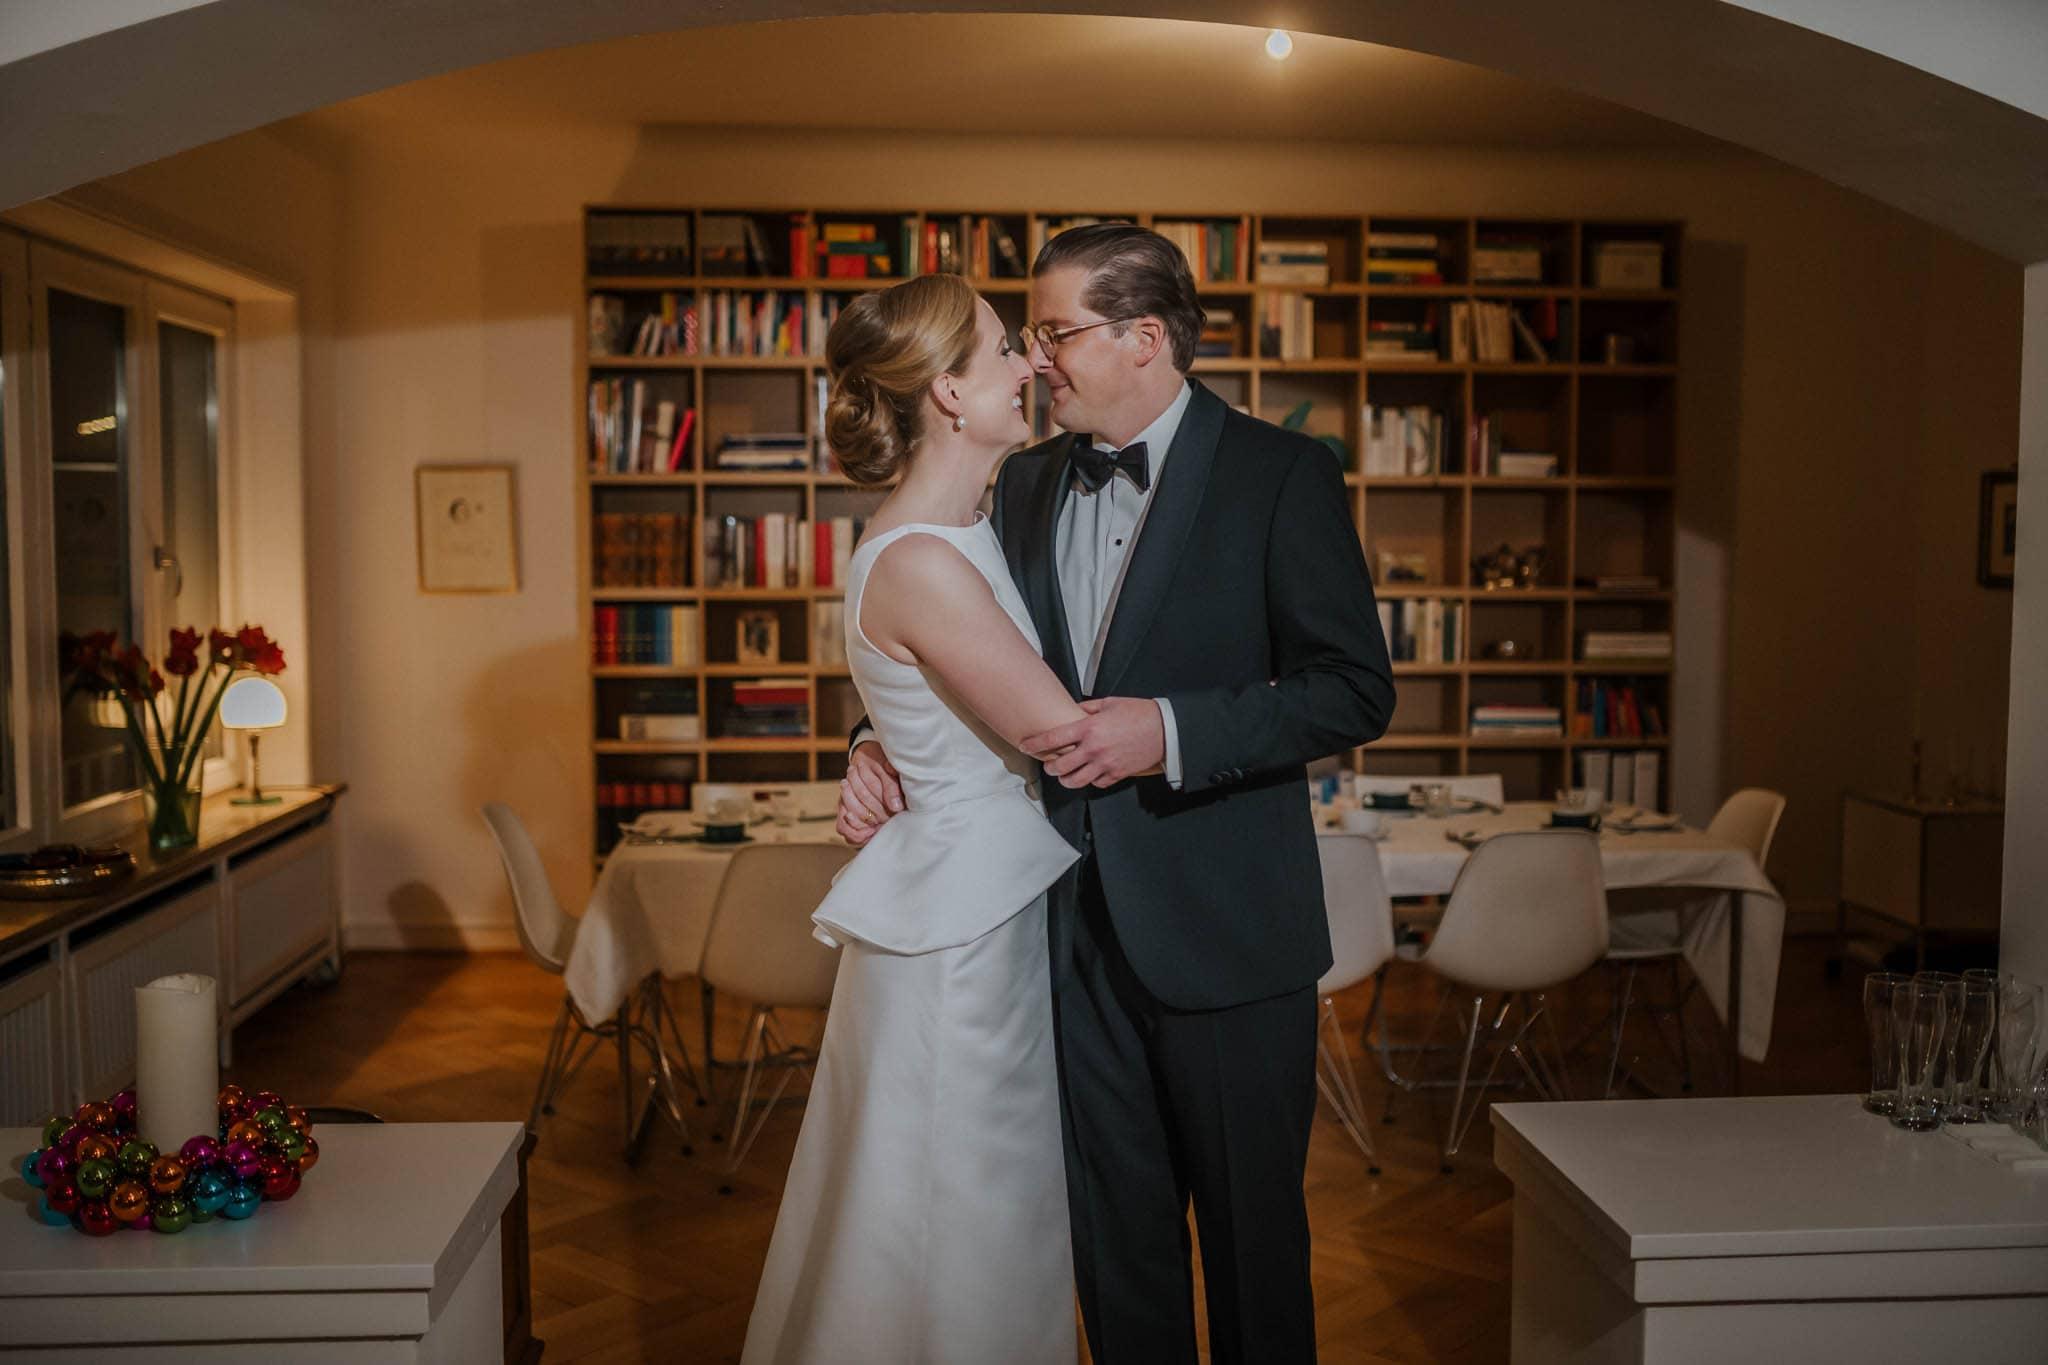 Hochzeitsfieber by Photo-Schomburg, Hochzeitsfotograf, Hamburg,Hochzeitstag, Hochzeitspaar, Braut, Bräutigam, Literaturhauscafe Hamburg-51